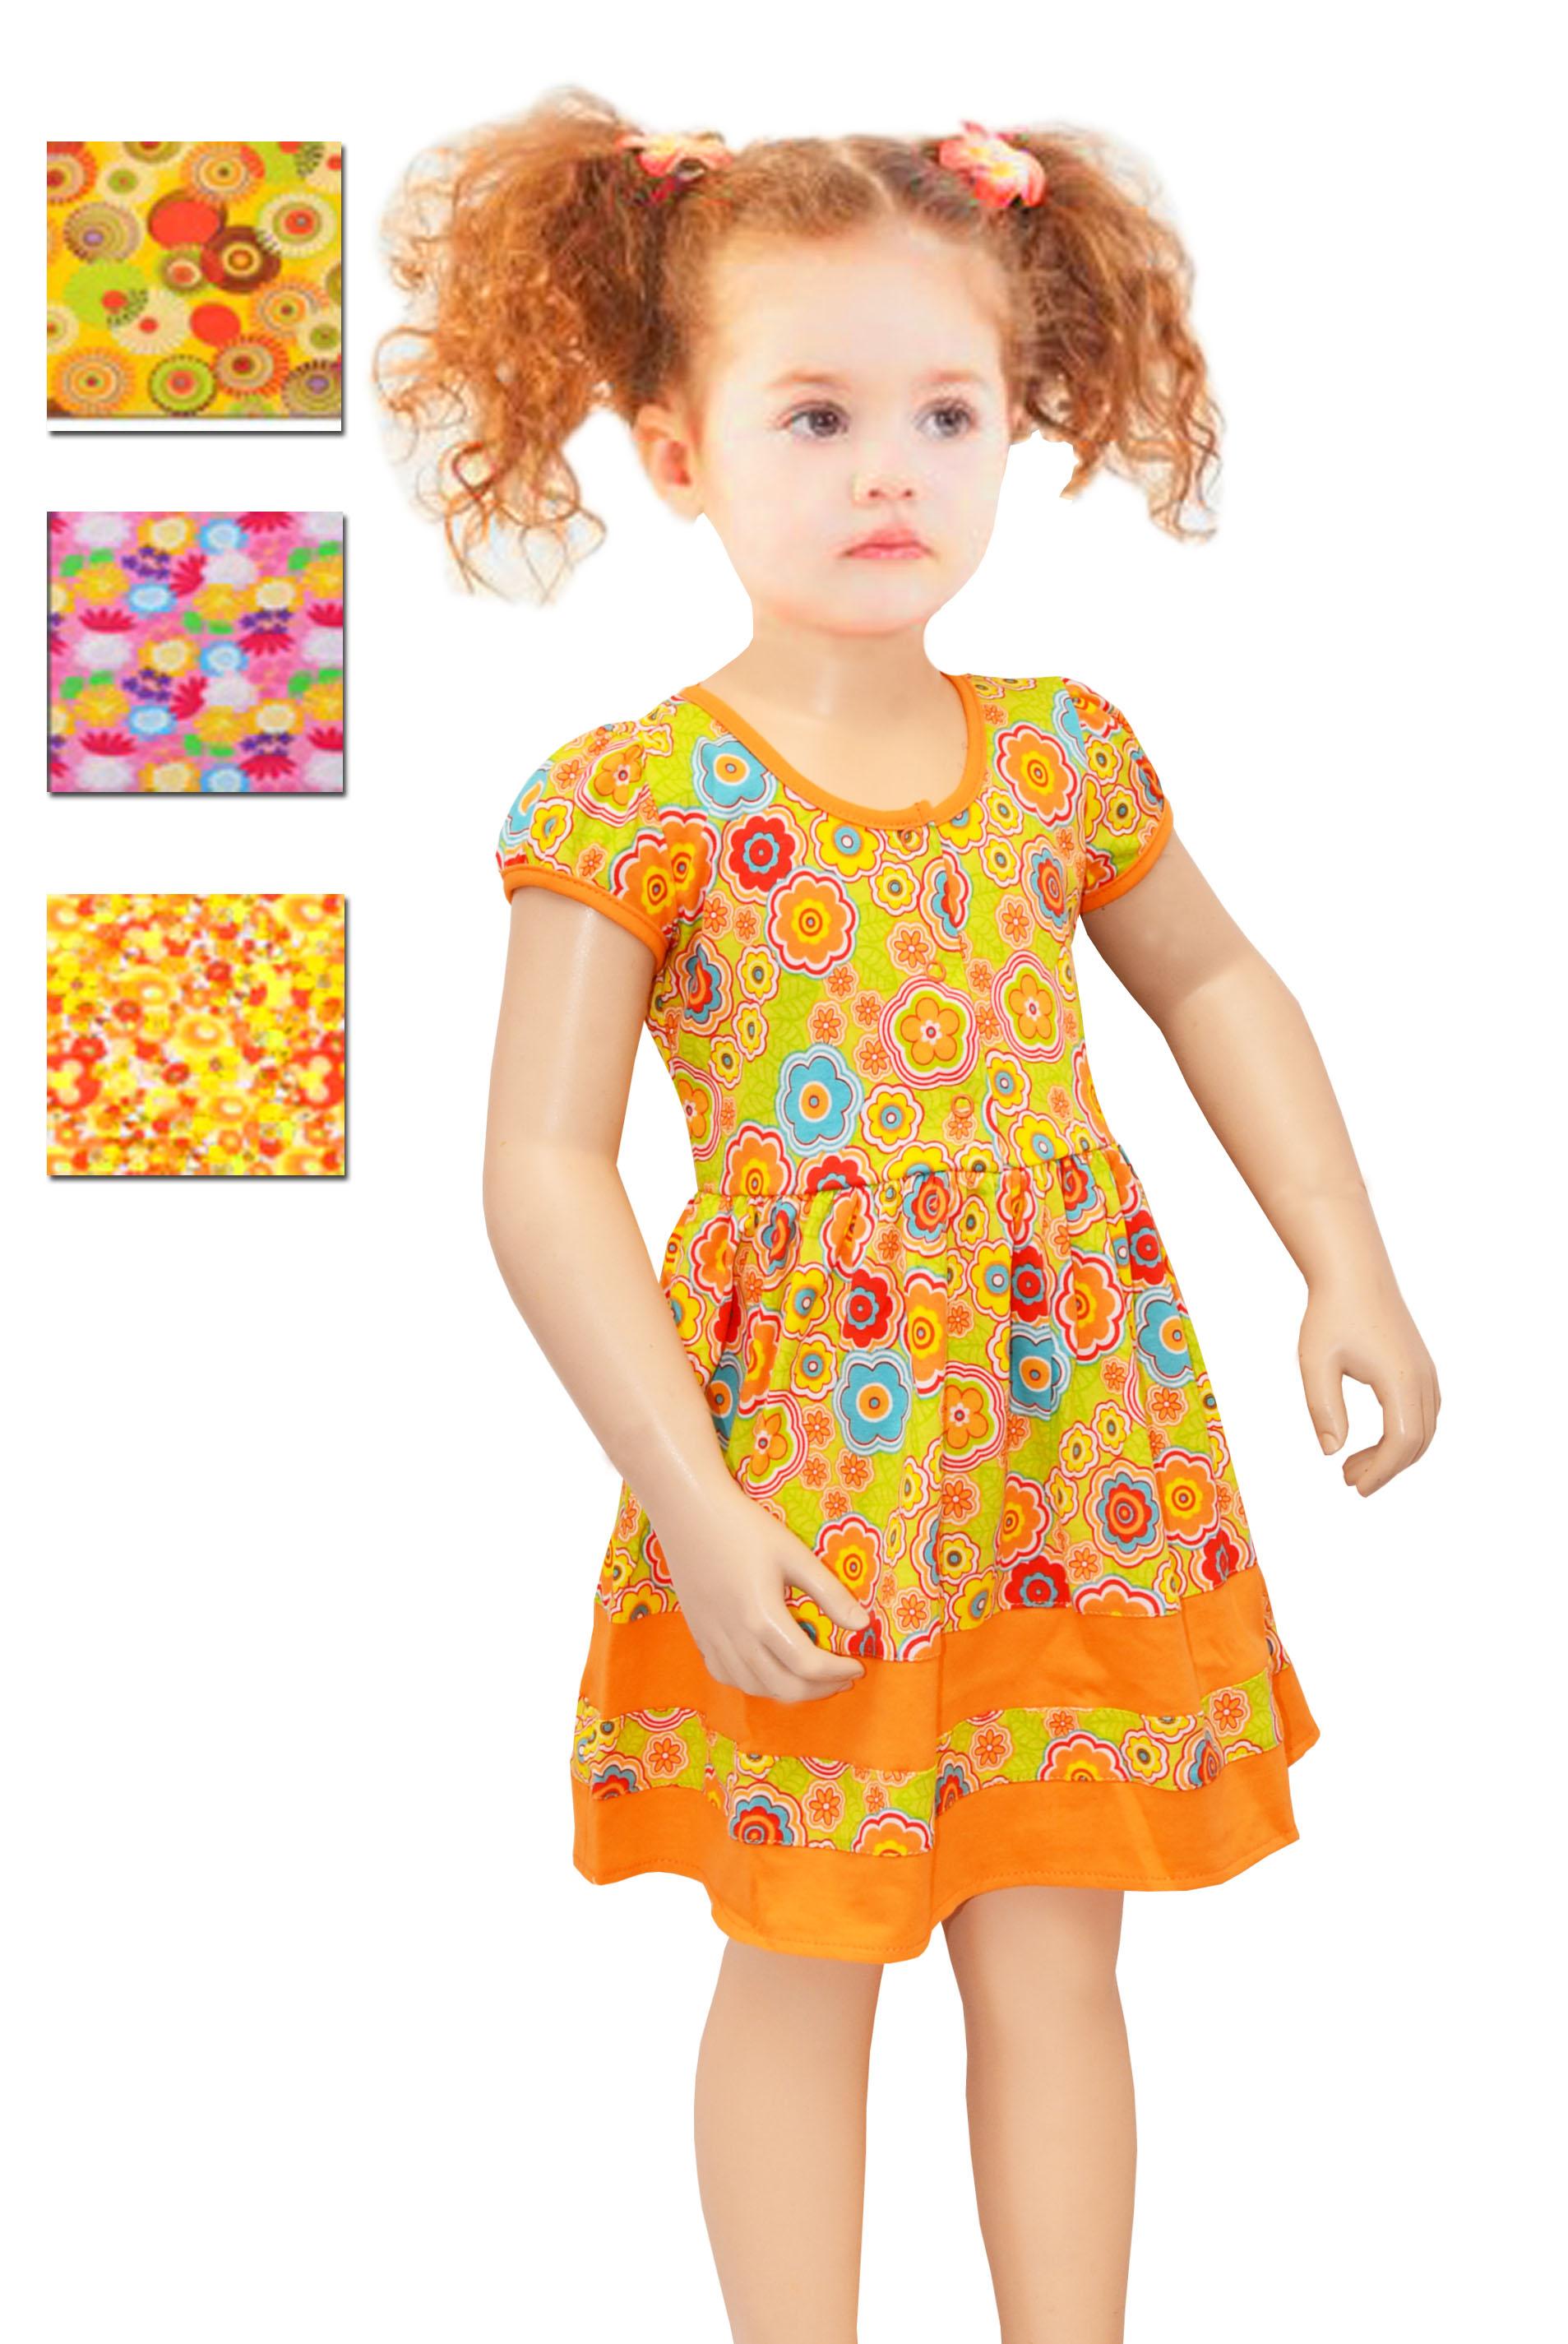 907c05ec33d66 Детские коллекции одежды российского производства - Компания Ярко.